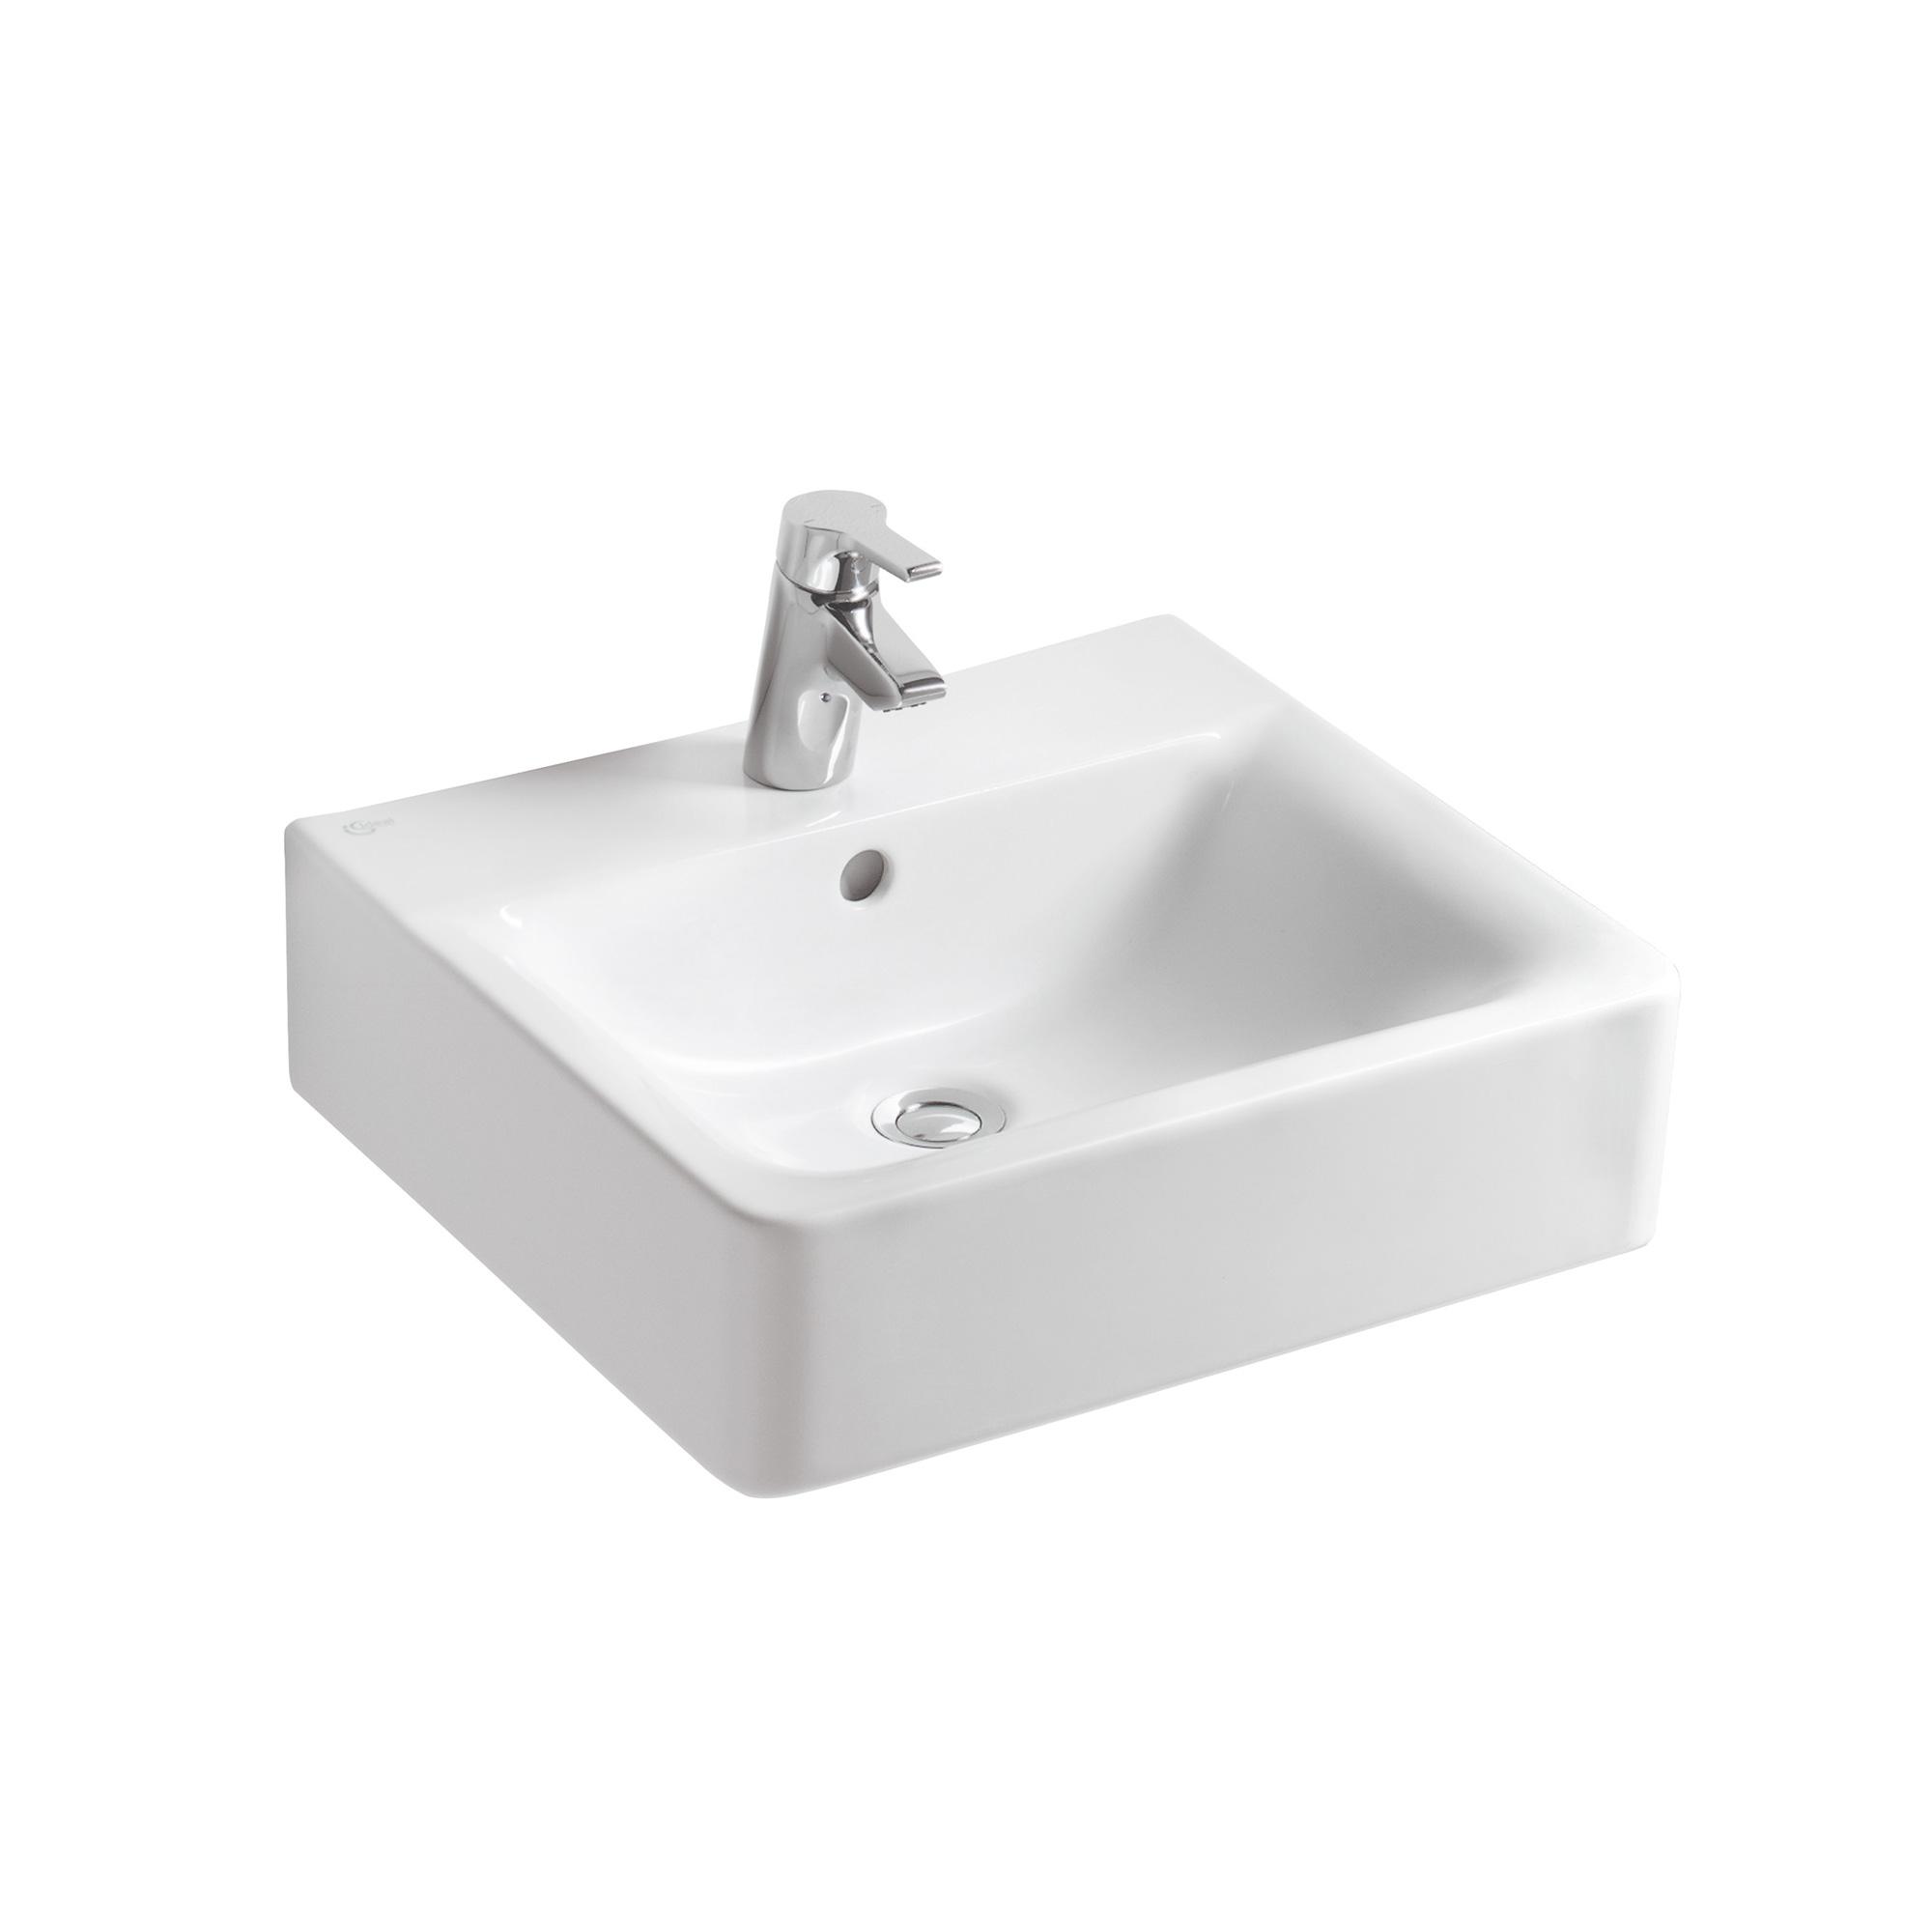 ideal standard connect cube waschtisch wei e713801 reuter onlineshop. Black Bedroom Furniture Sets. Home Design Ideas